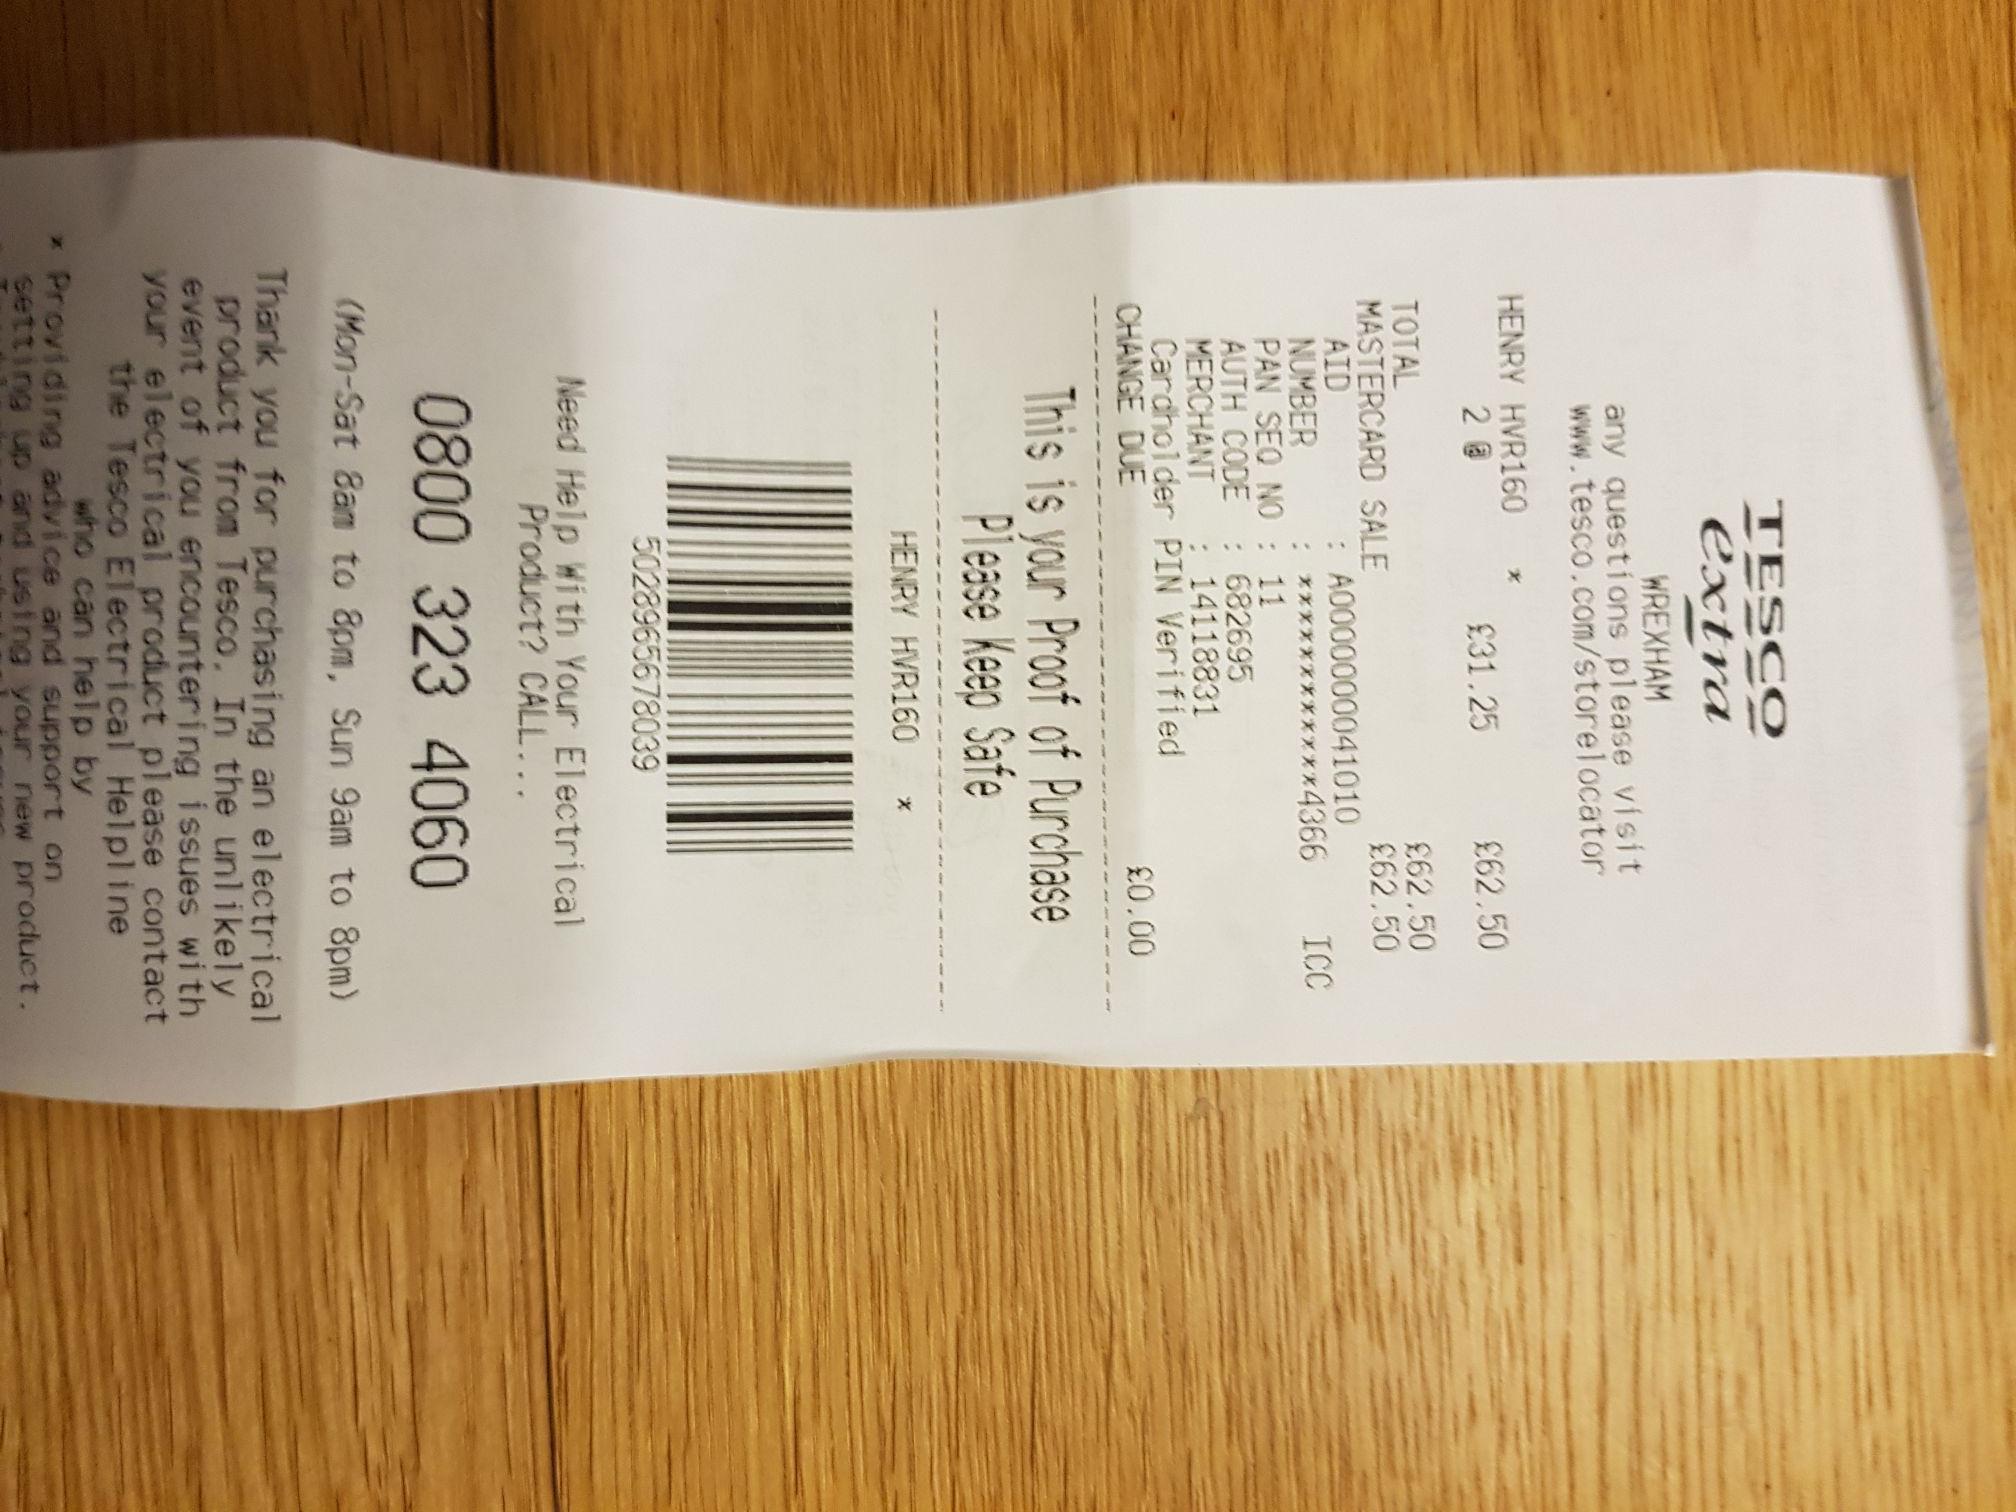 Henry hvr160 compact £31.25 instore @ Tesco Wrexham